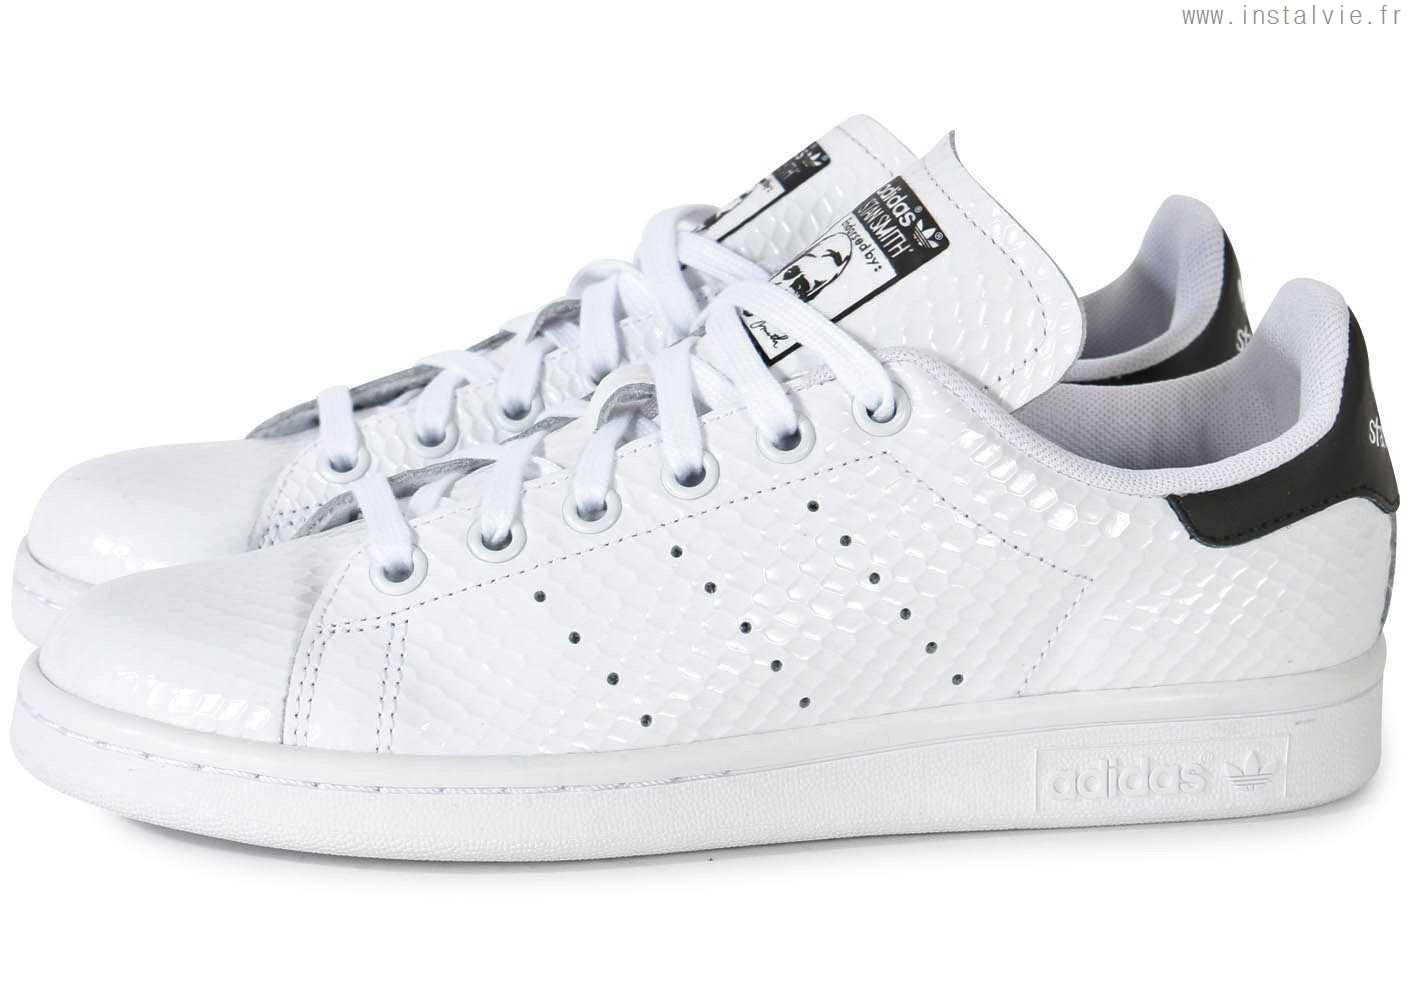 0afb705ca7ae3 adidas stan smith femme blanc et noir